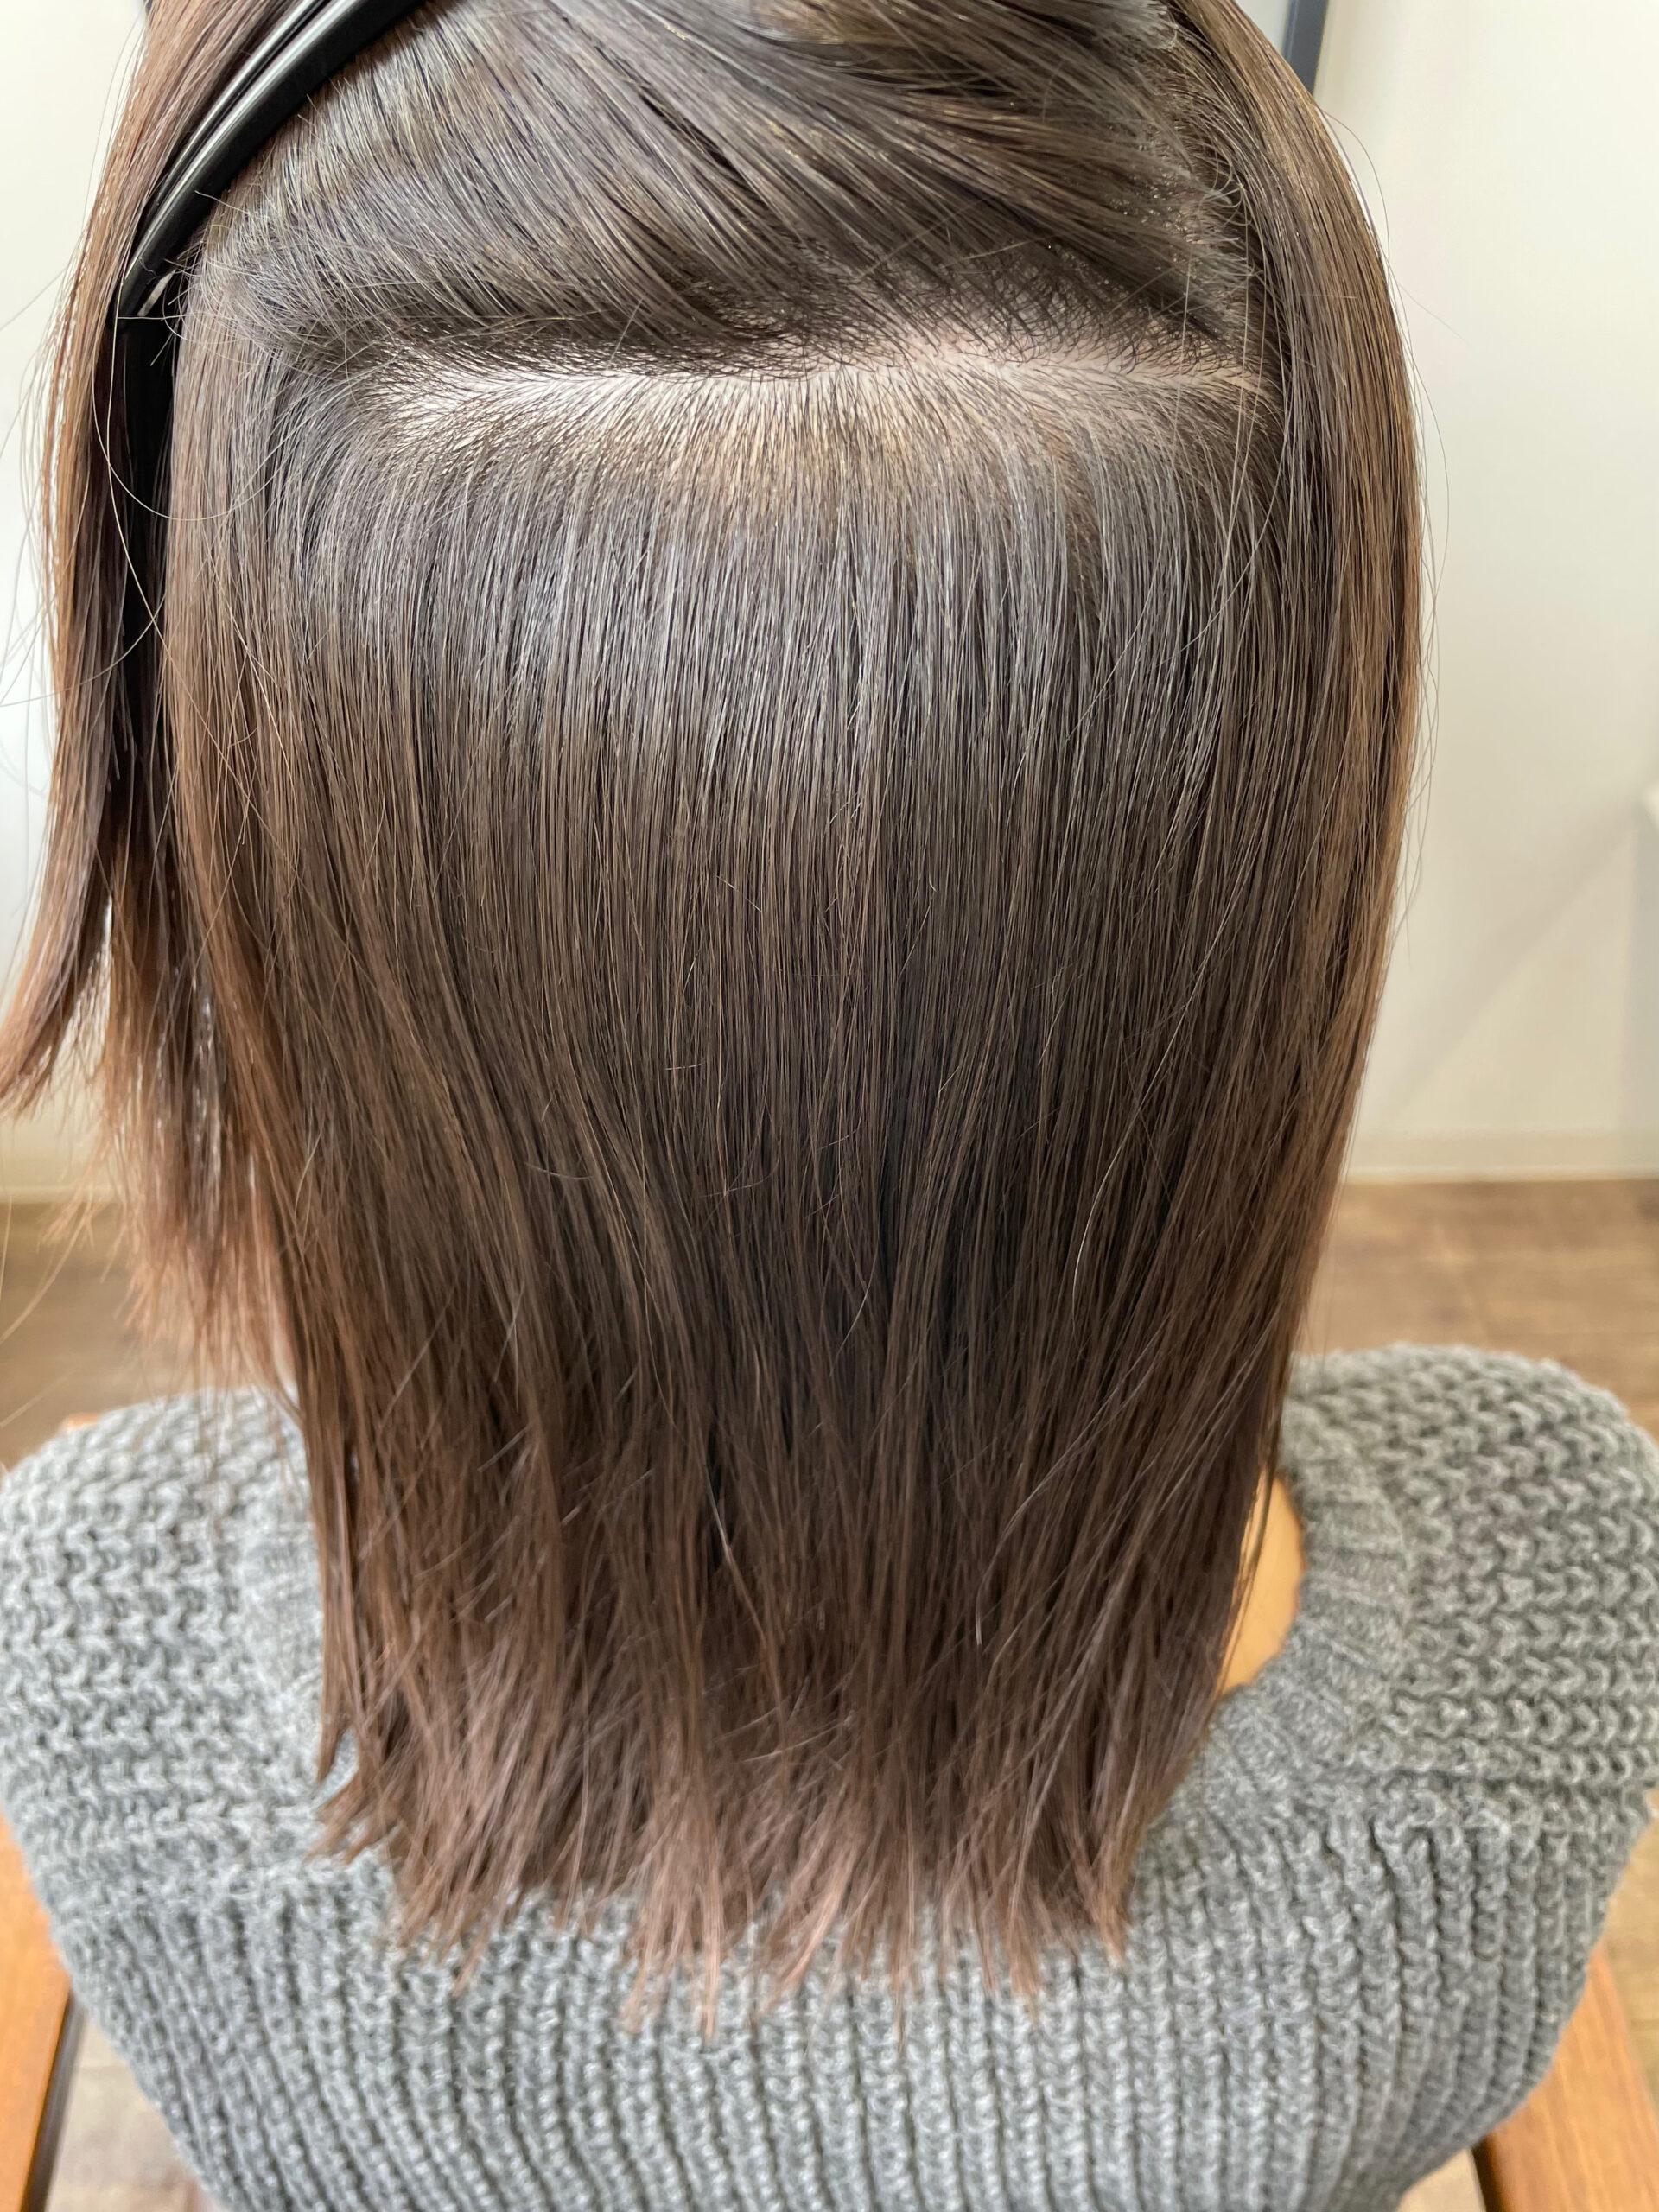 大分県別府市 弱酸性の縮毛矯正でツヤツヤ、サラサラのストレートヘア アフター